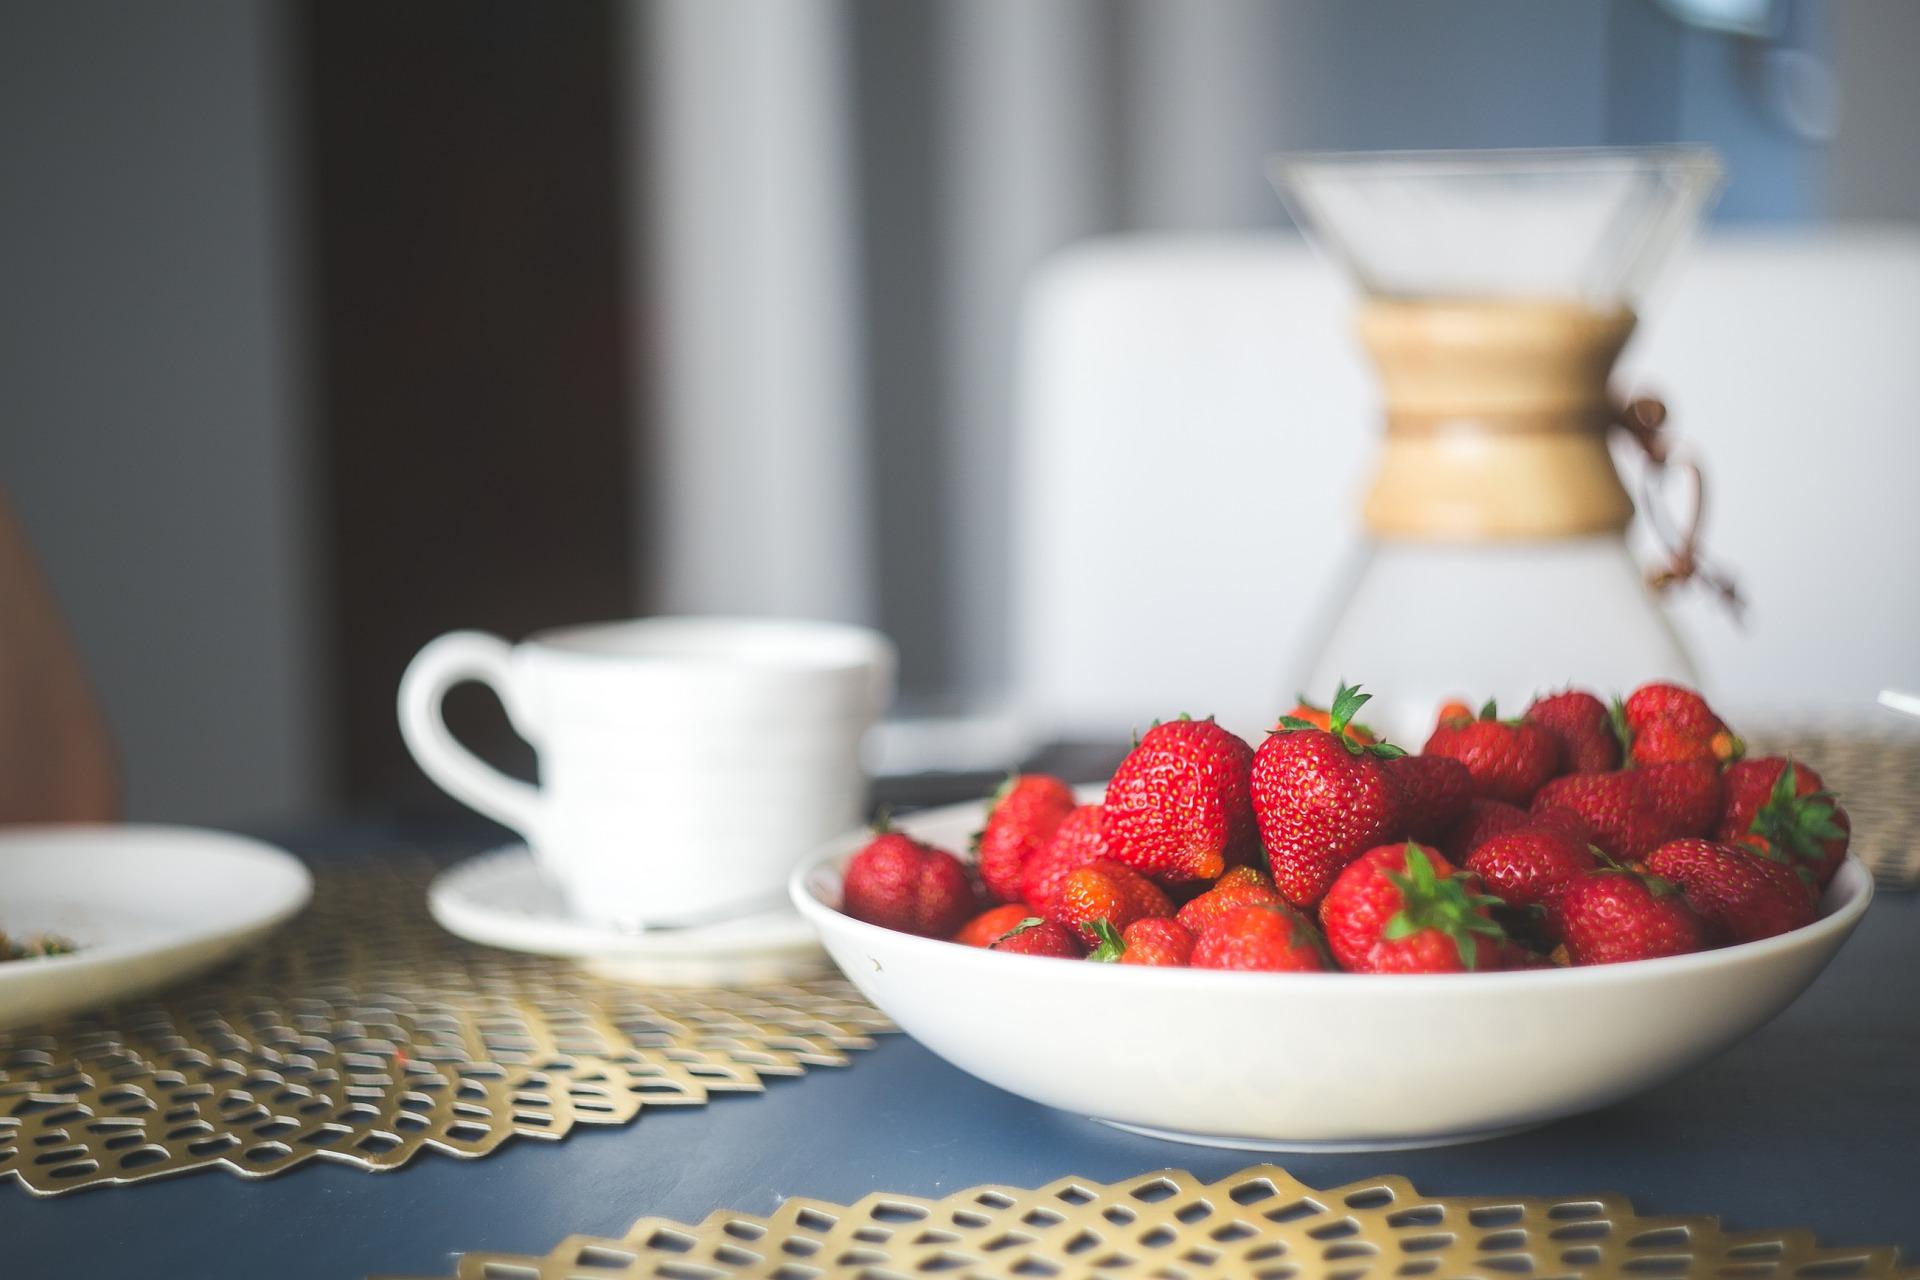 strawberries-869198_1920.jpg